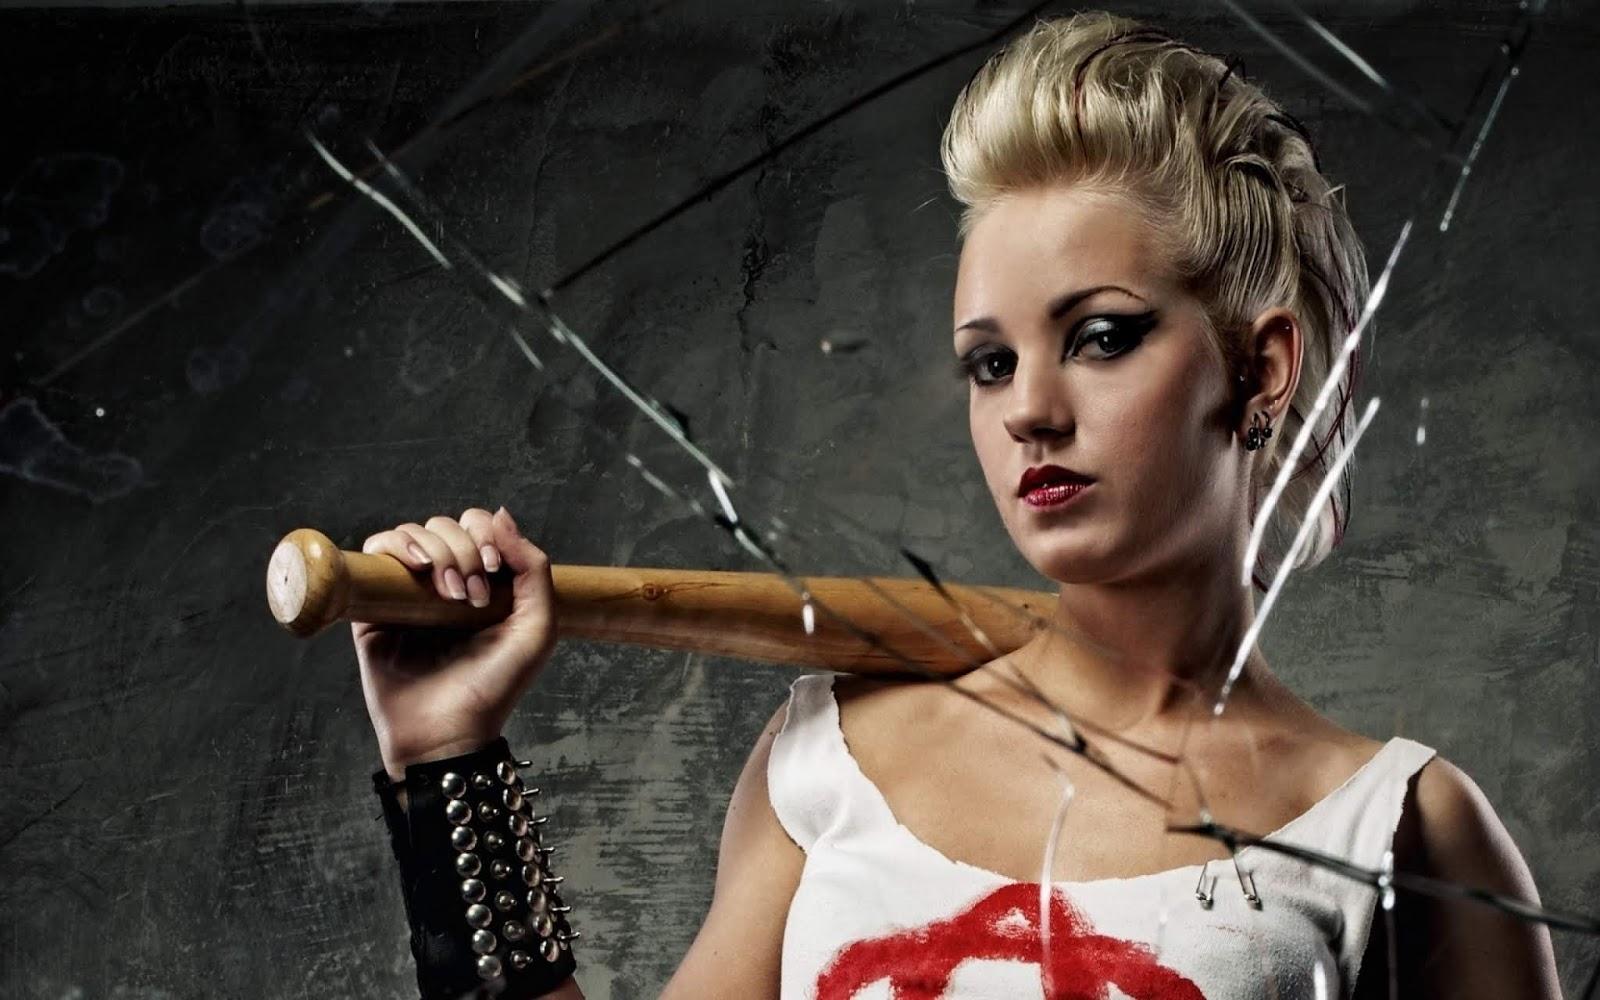 خلفيات بنات شريرات,خلفيات بنات, شريرات,خلفيات ,بنات شريرات,بنات,Punk Girls ,Wallpapers,Punk ,Girls Wallpapers,Wallpapers